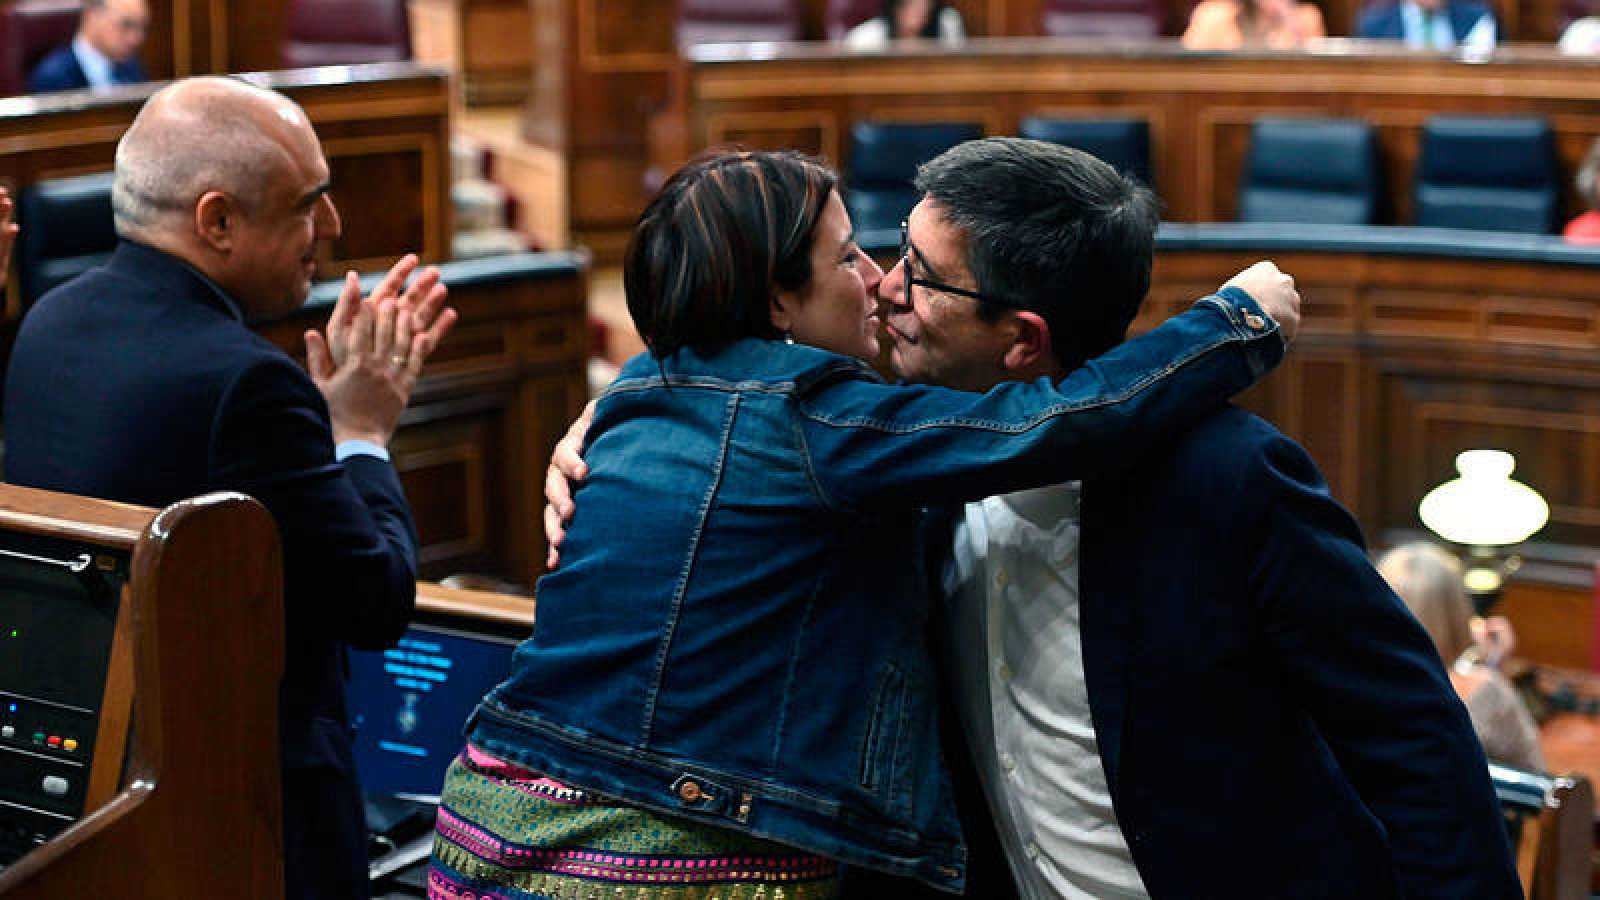 La portavoz del Grupo Socialista, Adriana Lastra, felicita a Patxi López tras su presentación de la propuesta de ley de regulación de la eutanasia en el Congreso de los Diputados.